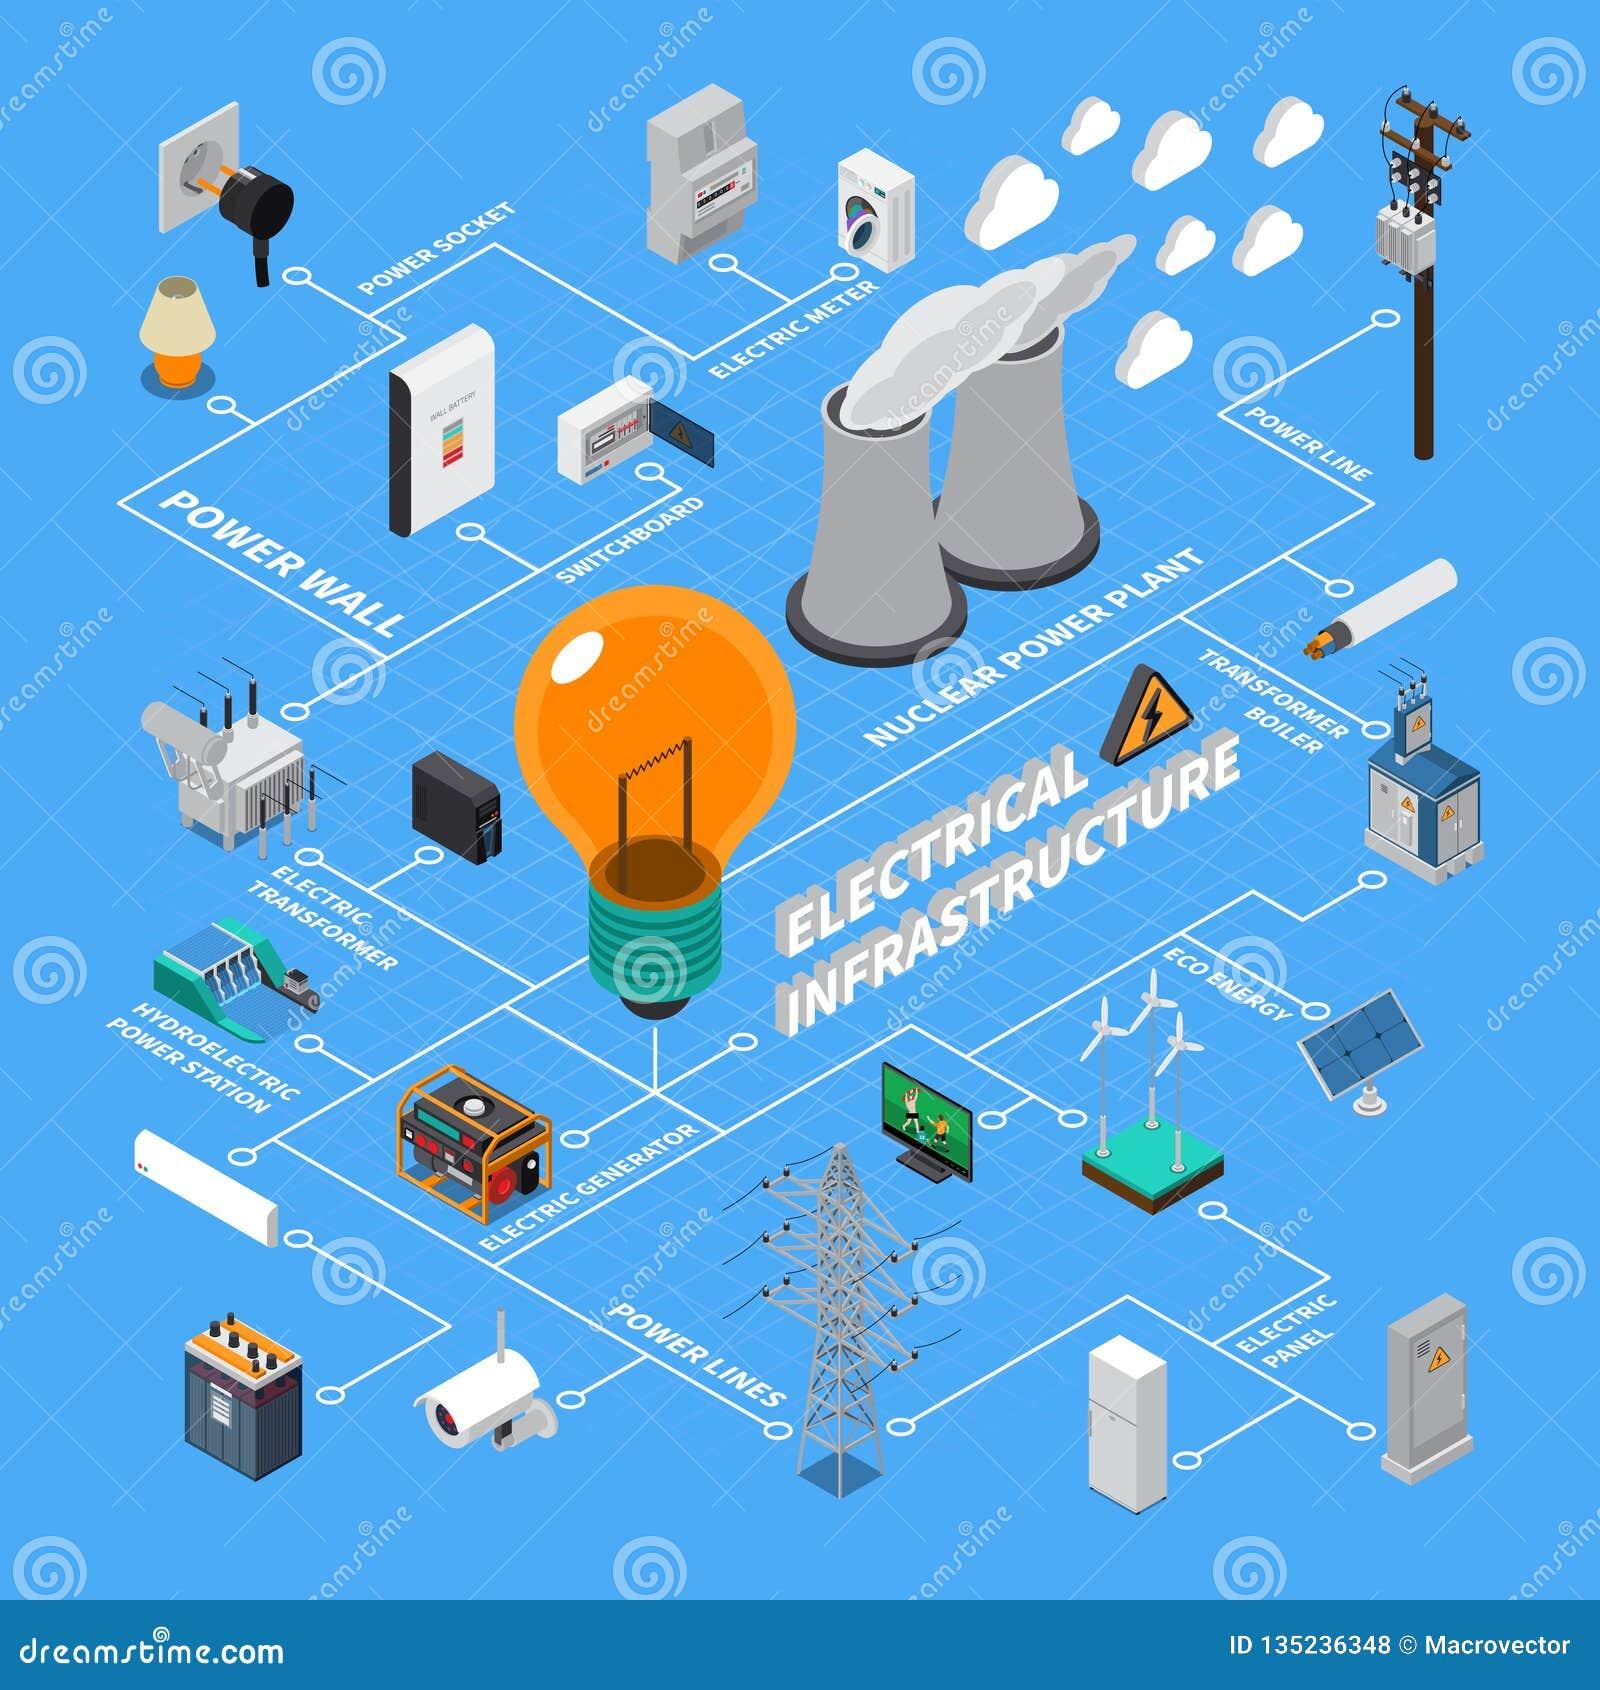 Elektrische Infrastruktur-isometrisches Flussdiagramm